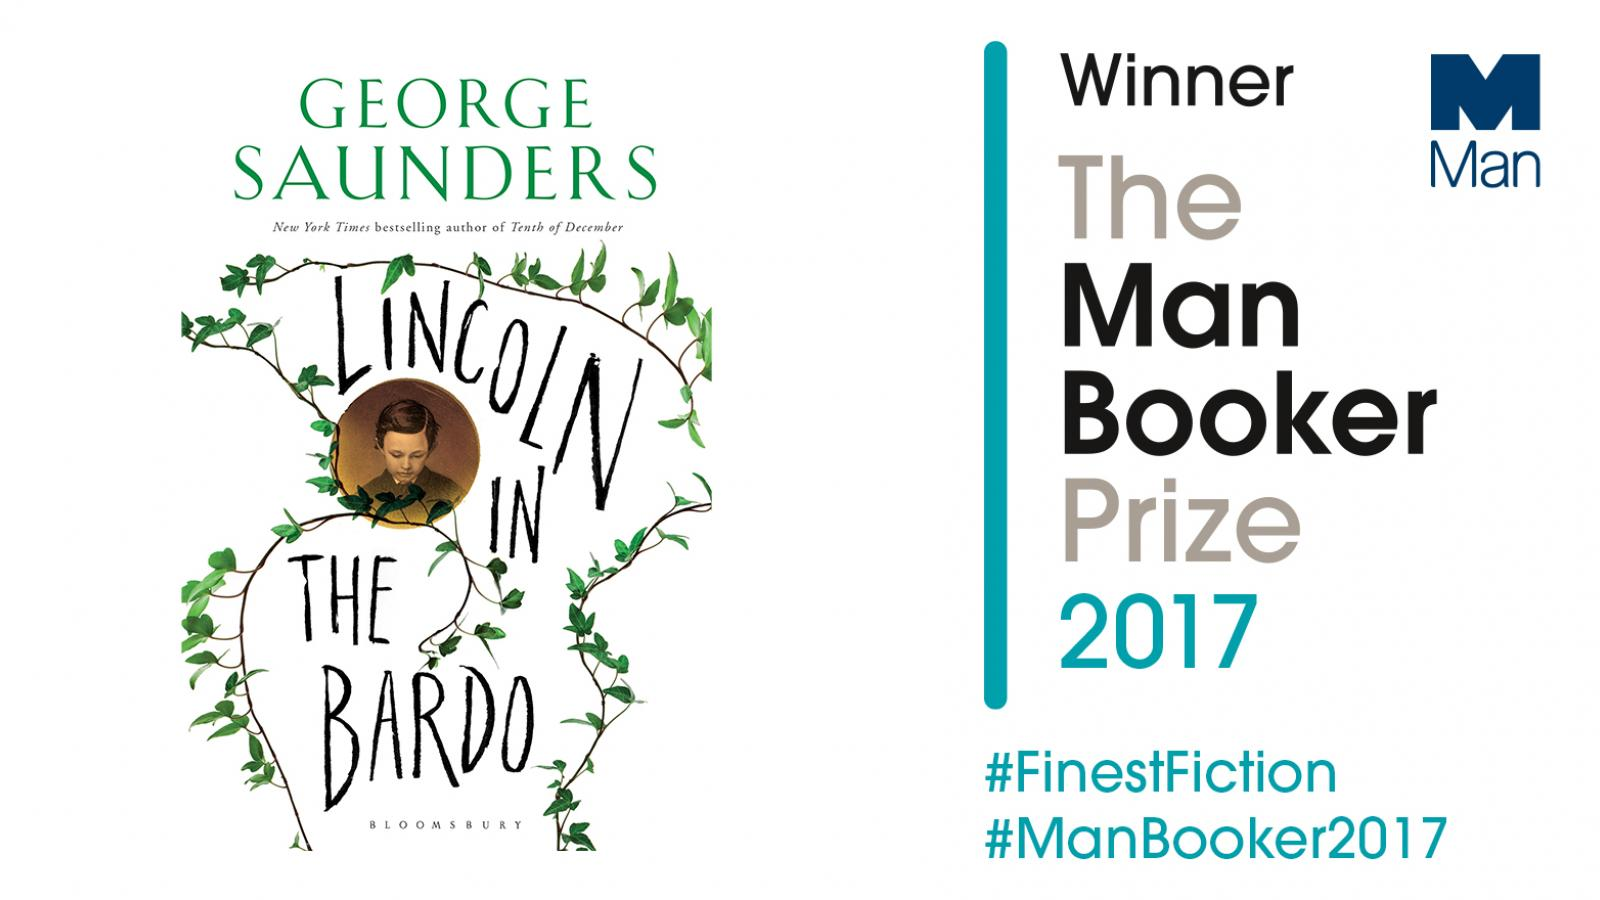 Lincoln in the Bardo wins 2017 Man Booker Prize